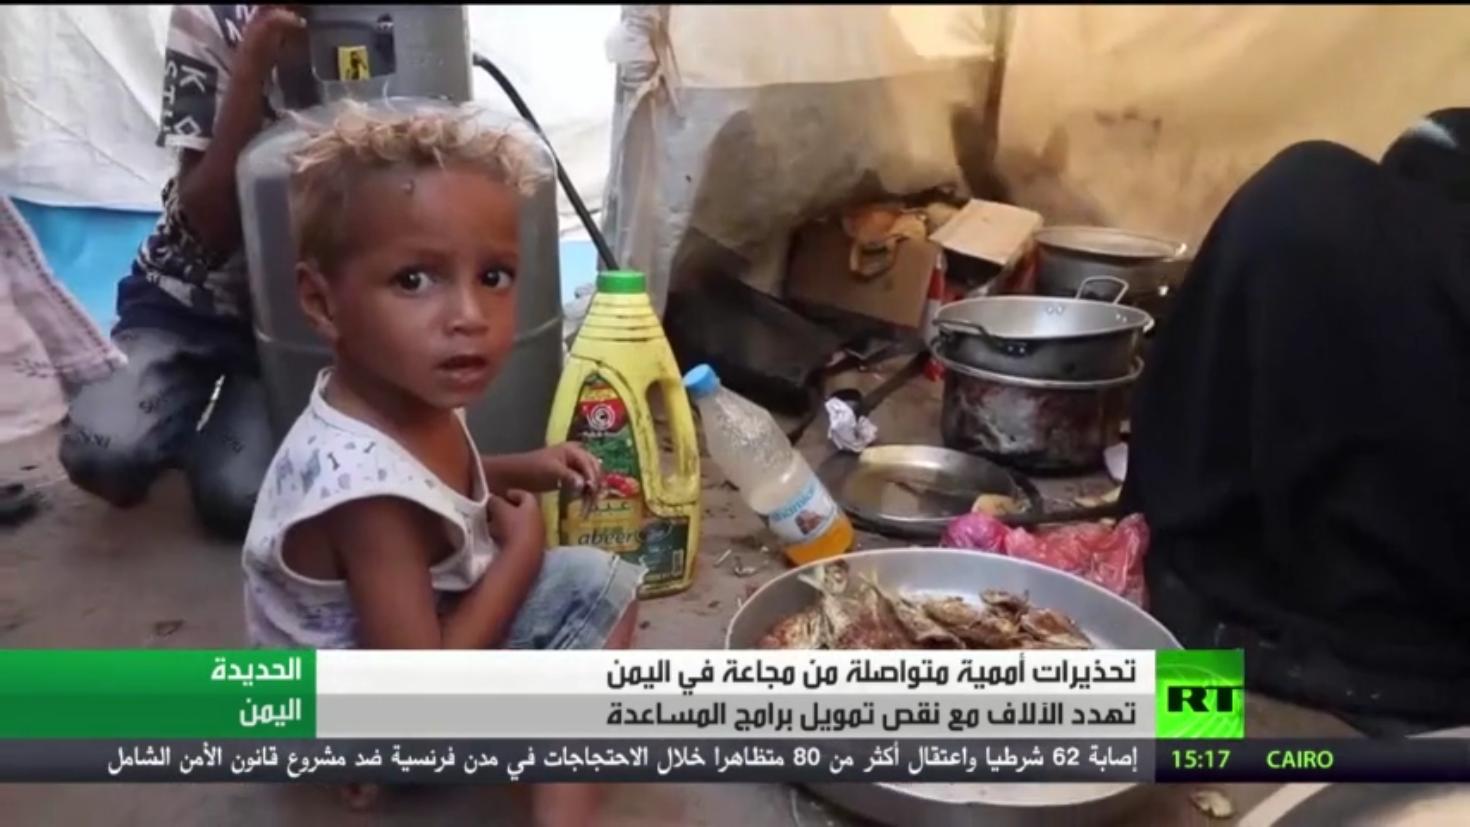 شبح المجاعة يلازم الآلاف في اليمن